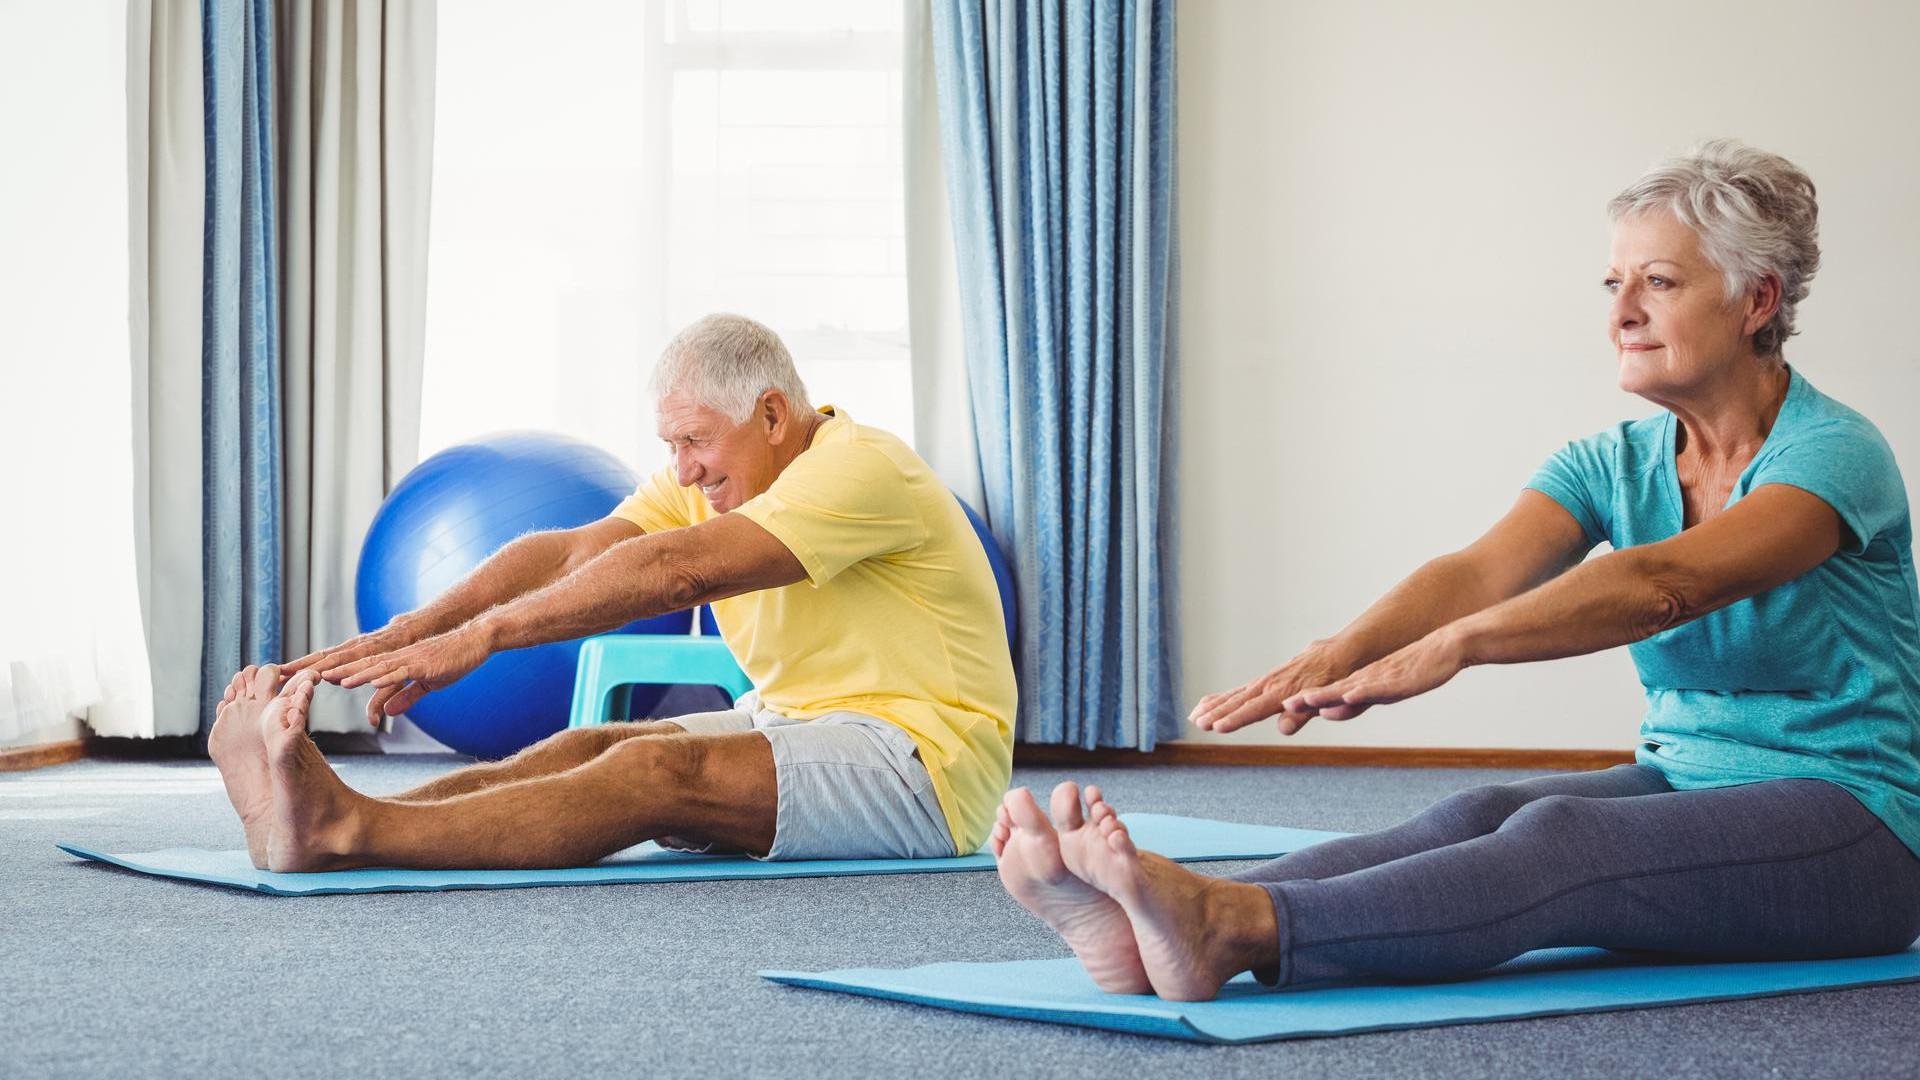 Онлайн-тренировки для участников «Активного долголетия» начнутся в Подмосковье 2 ноября